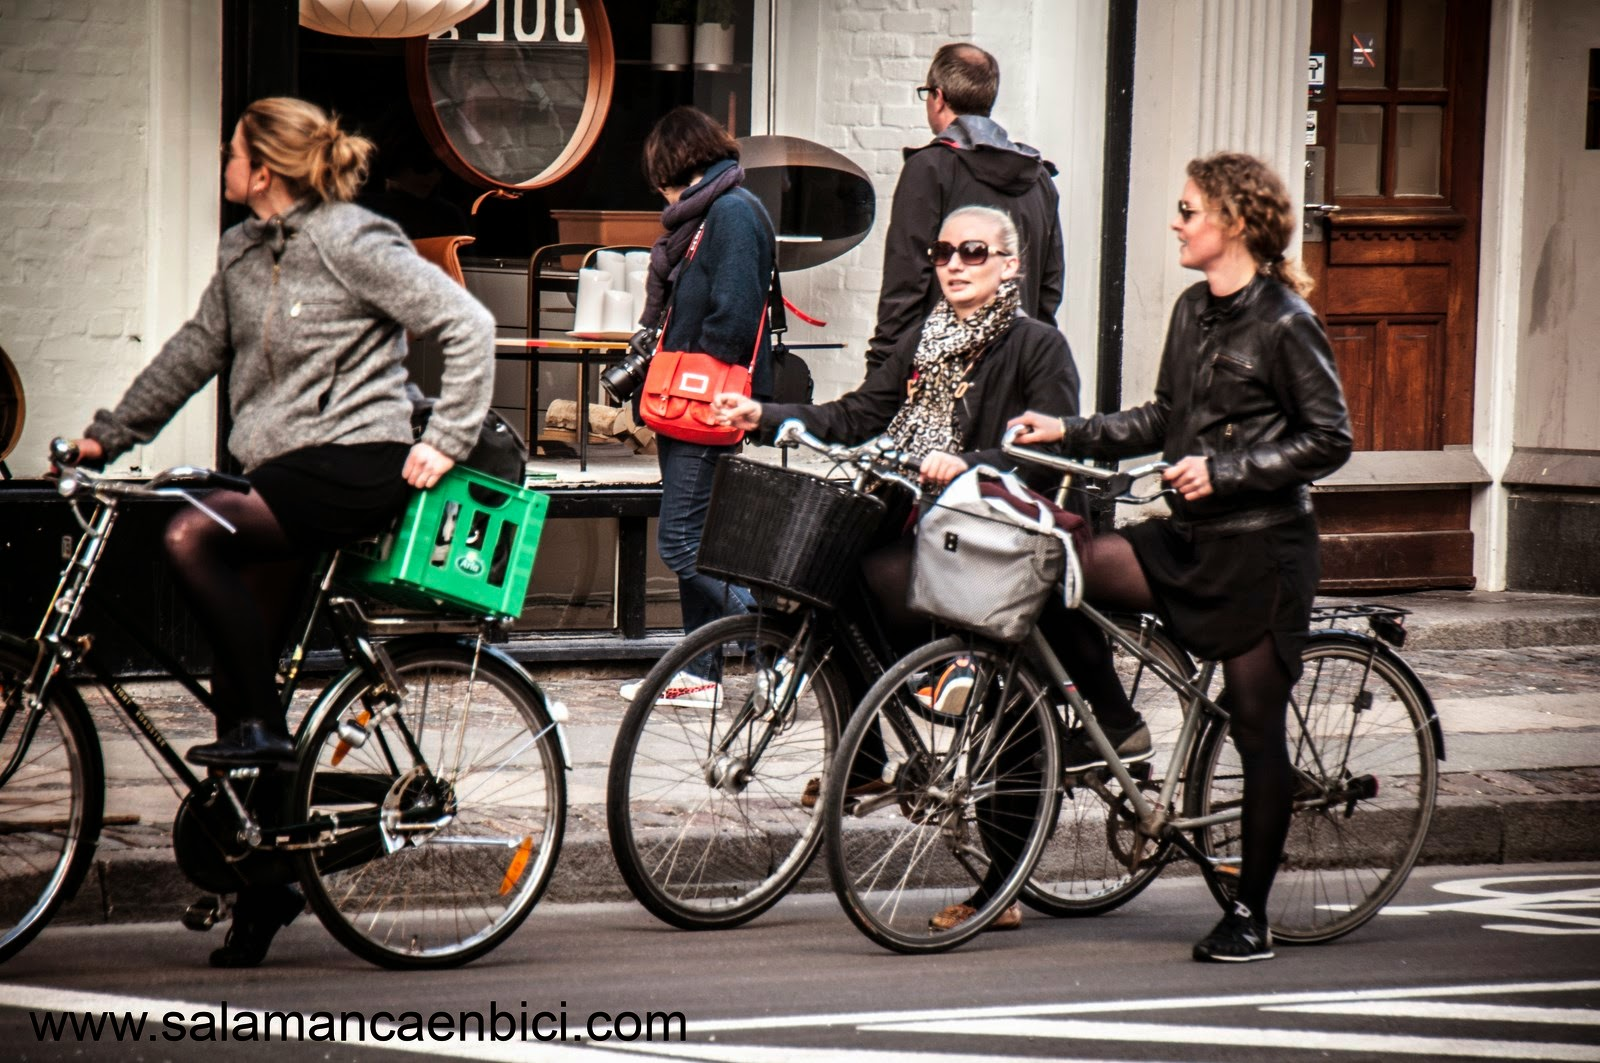 cargo bikes salamanca carril bici